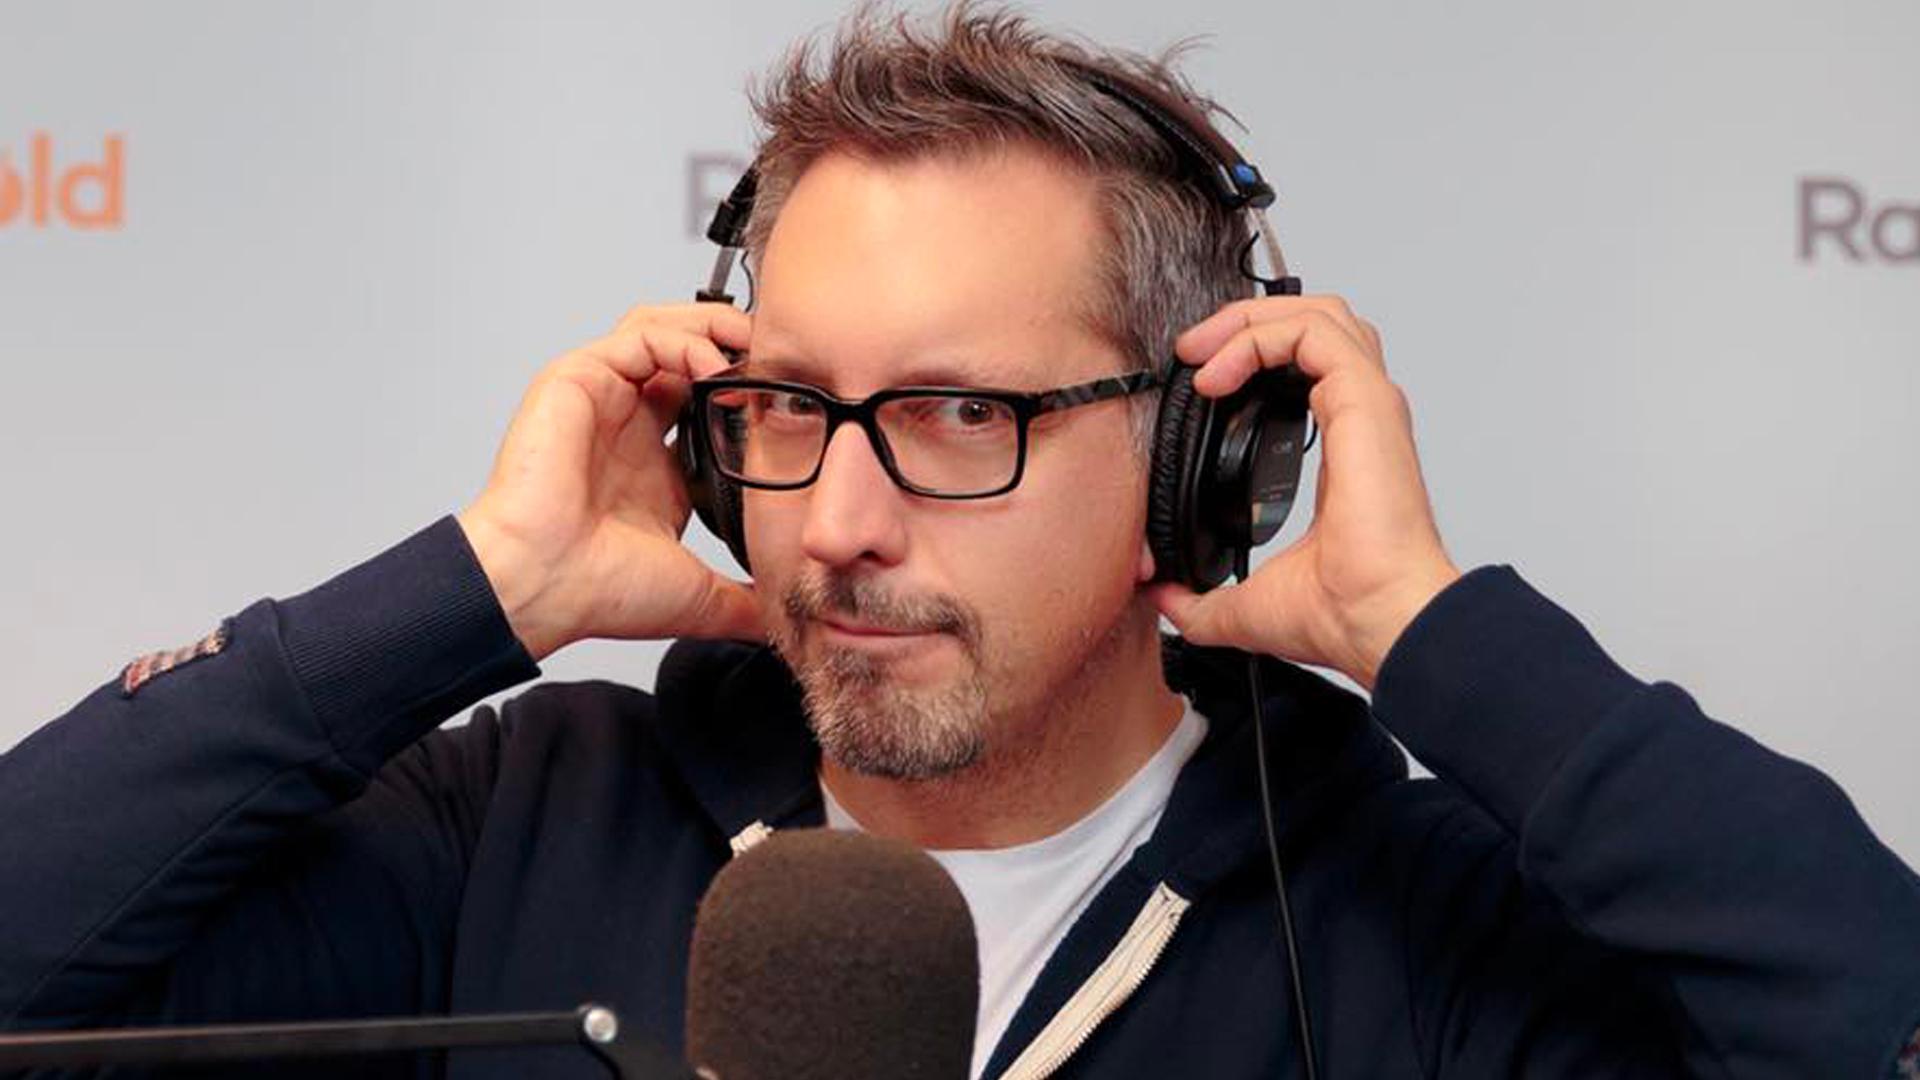 Sandro Marenco prof. TikTok